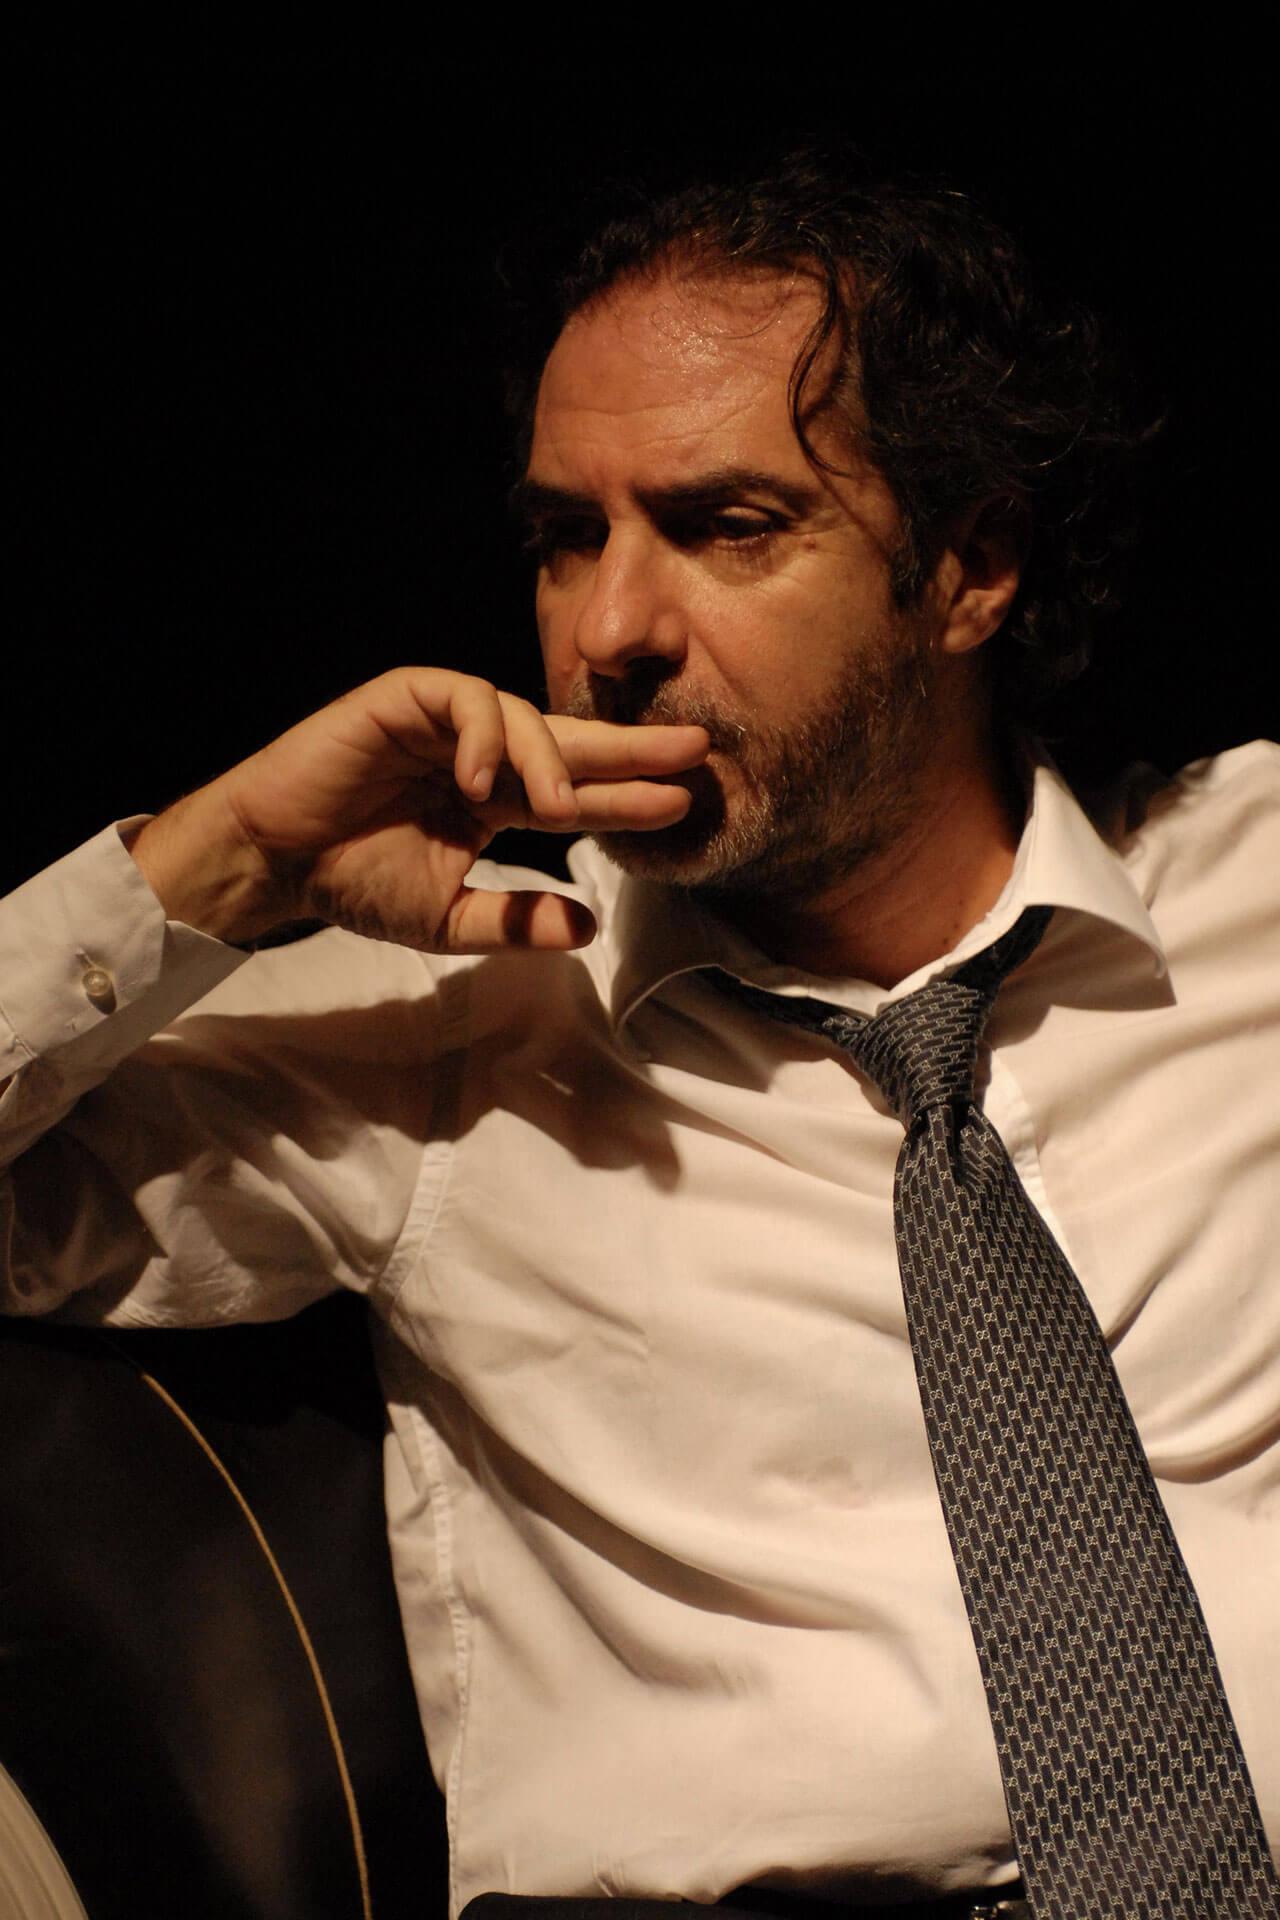 gruppo-teatro-colli-e-lo-difendono-pure-2008-3